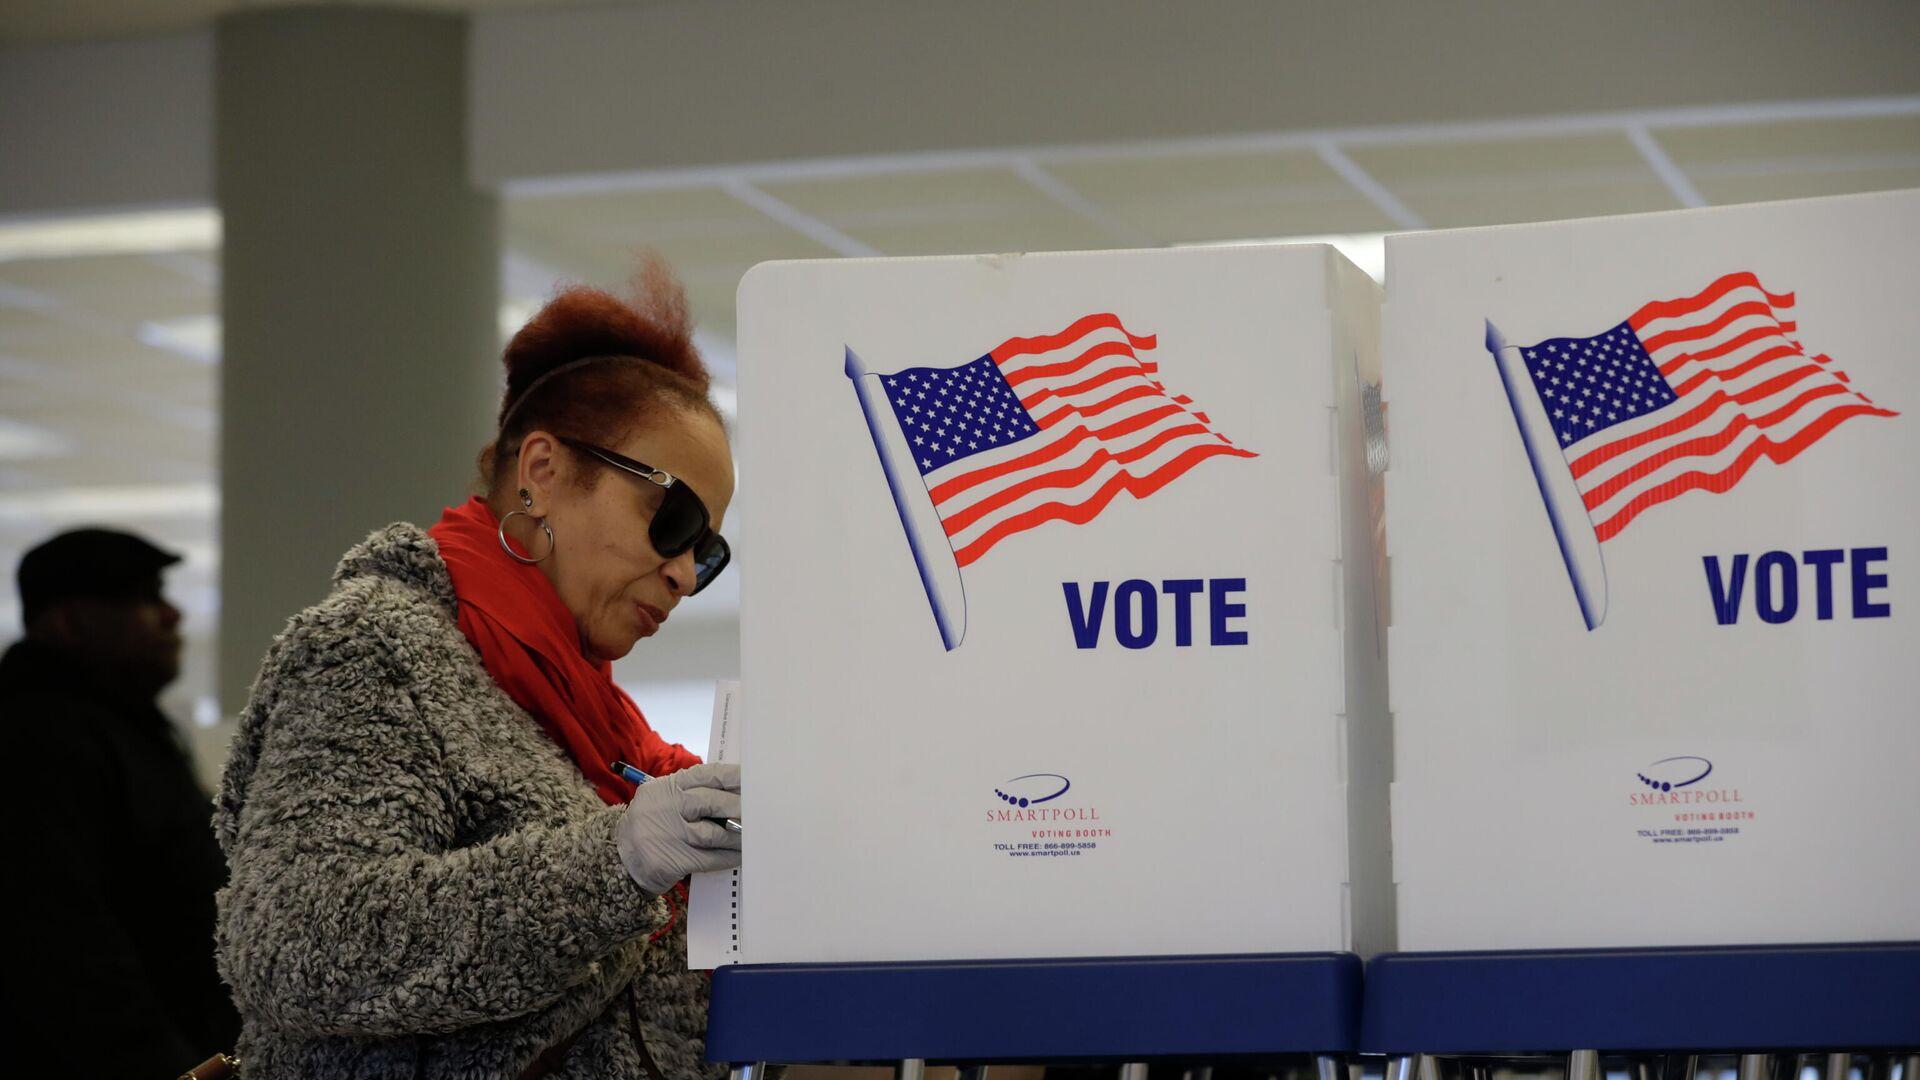 Избирательница на участке для предварительного голосования по отбору кандидатов на президентских выборах в США - РИА Новости, 1920, 21.08.2020